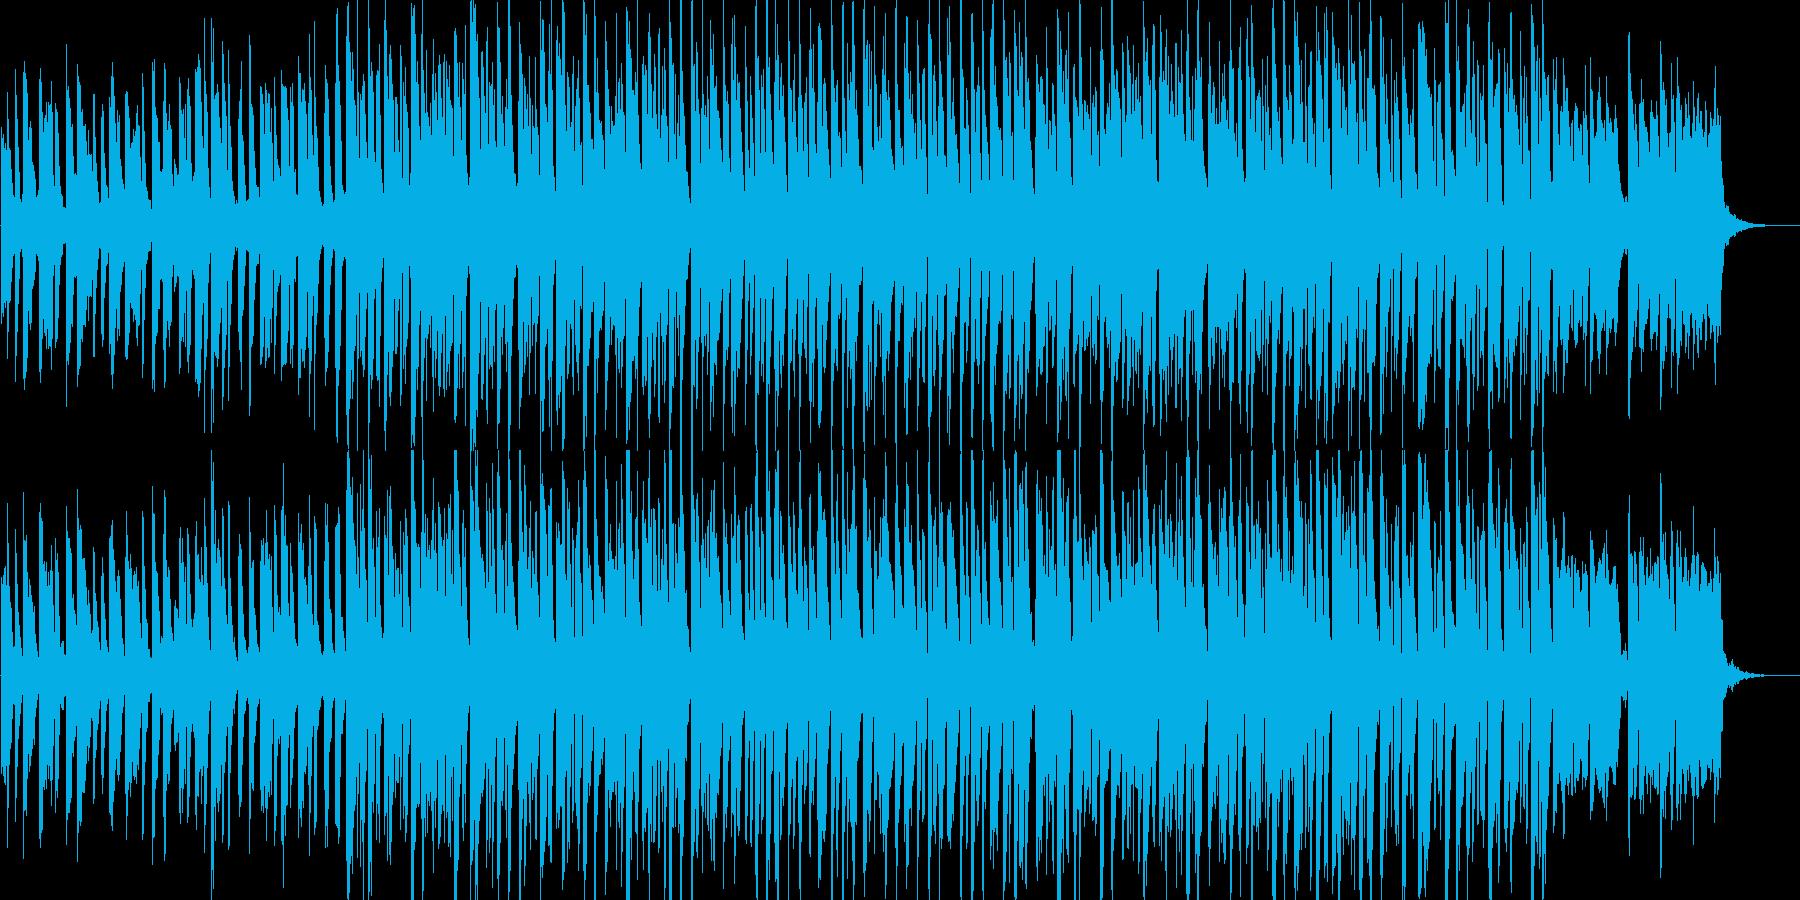 軽快・クール・爽やか・エレクトロニカの再生済みの波形